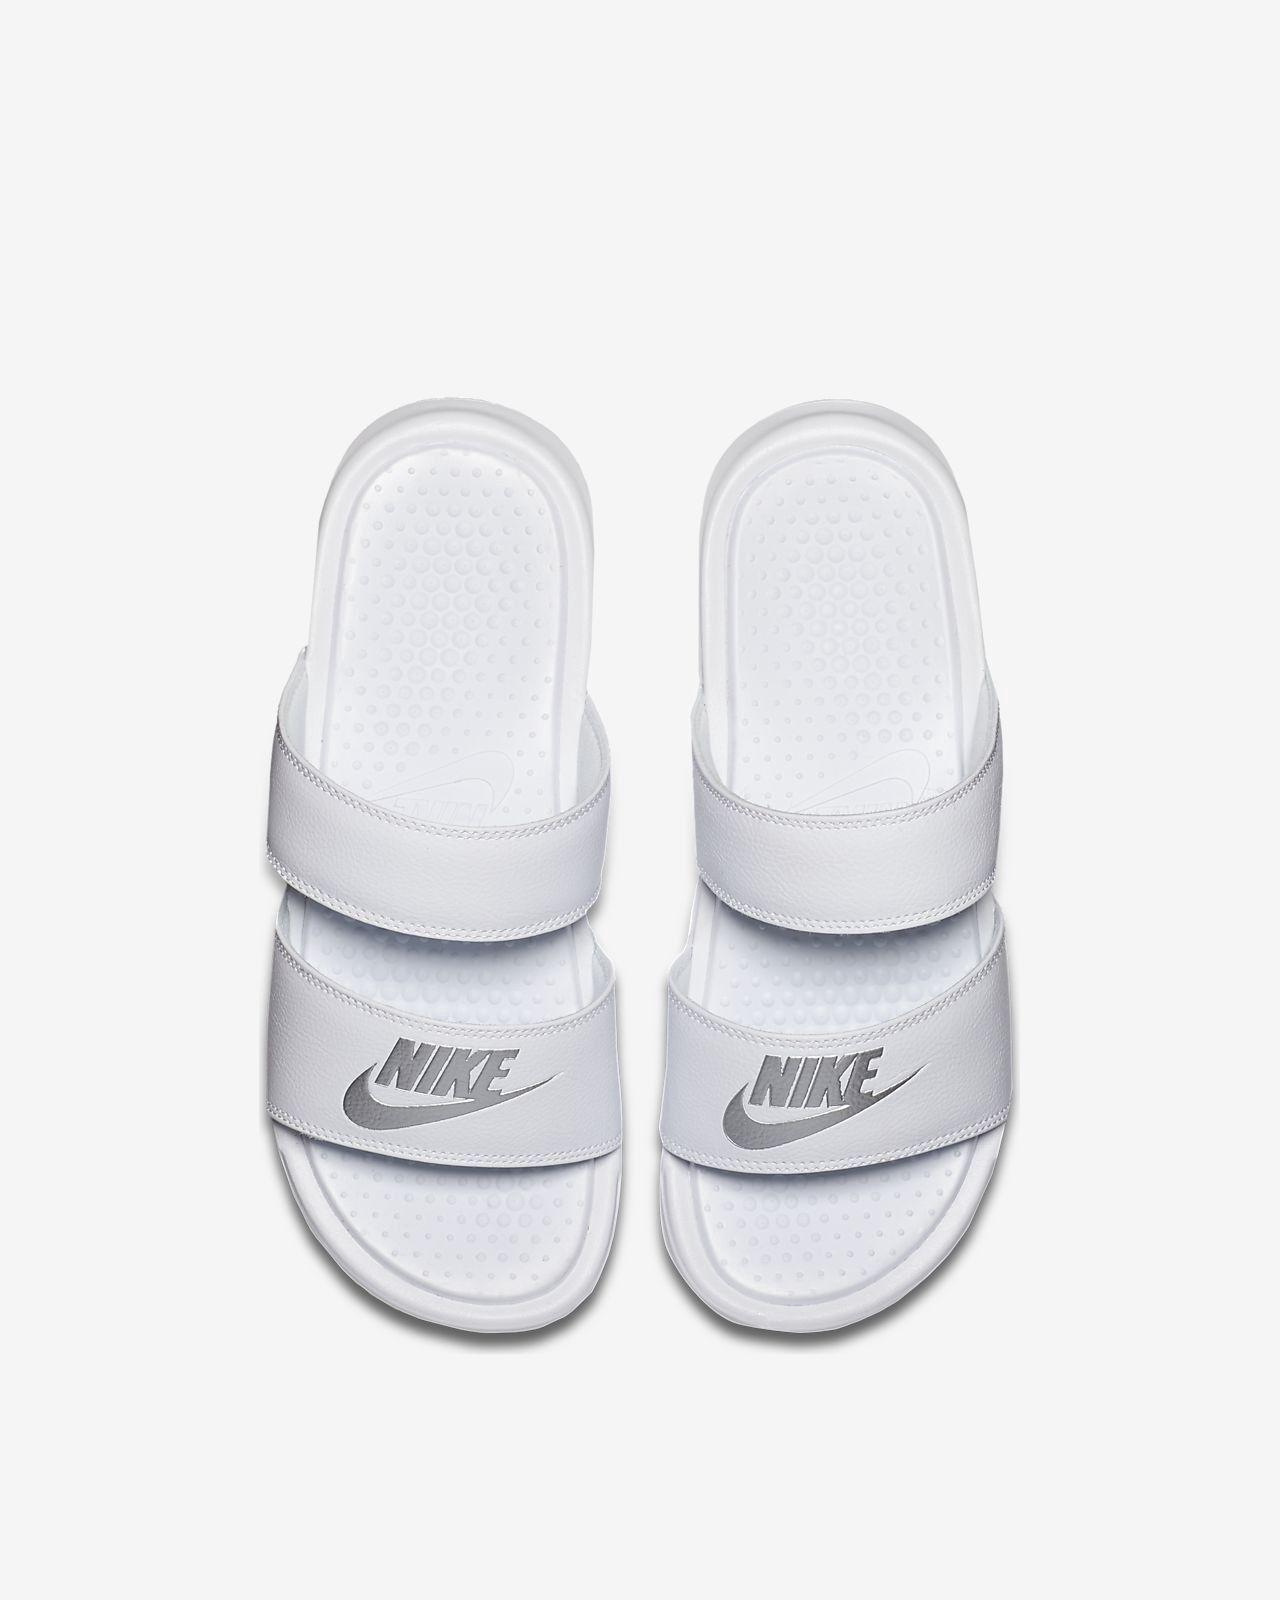 04328bf1a2a909 Nike Benassi Duo Ultra Women s Slide - 12 Silver